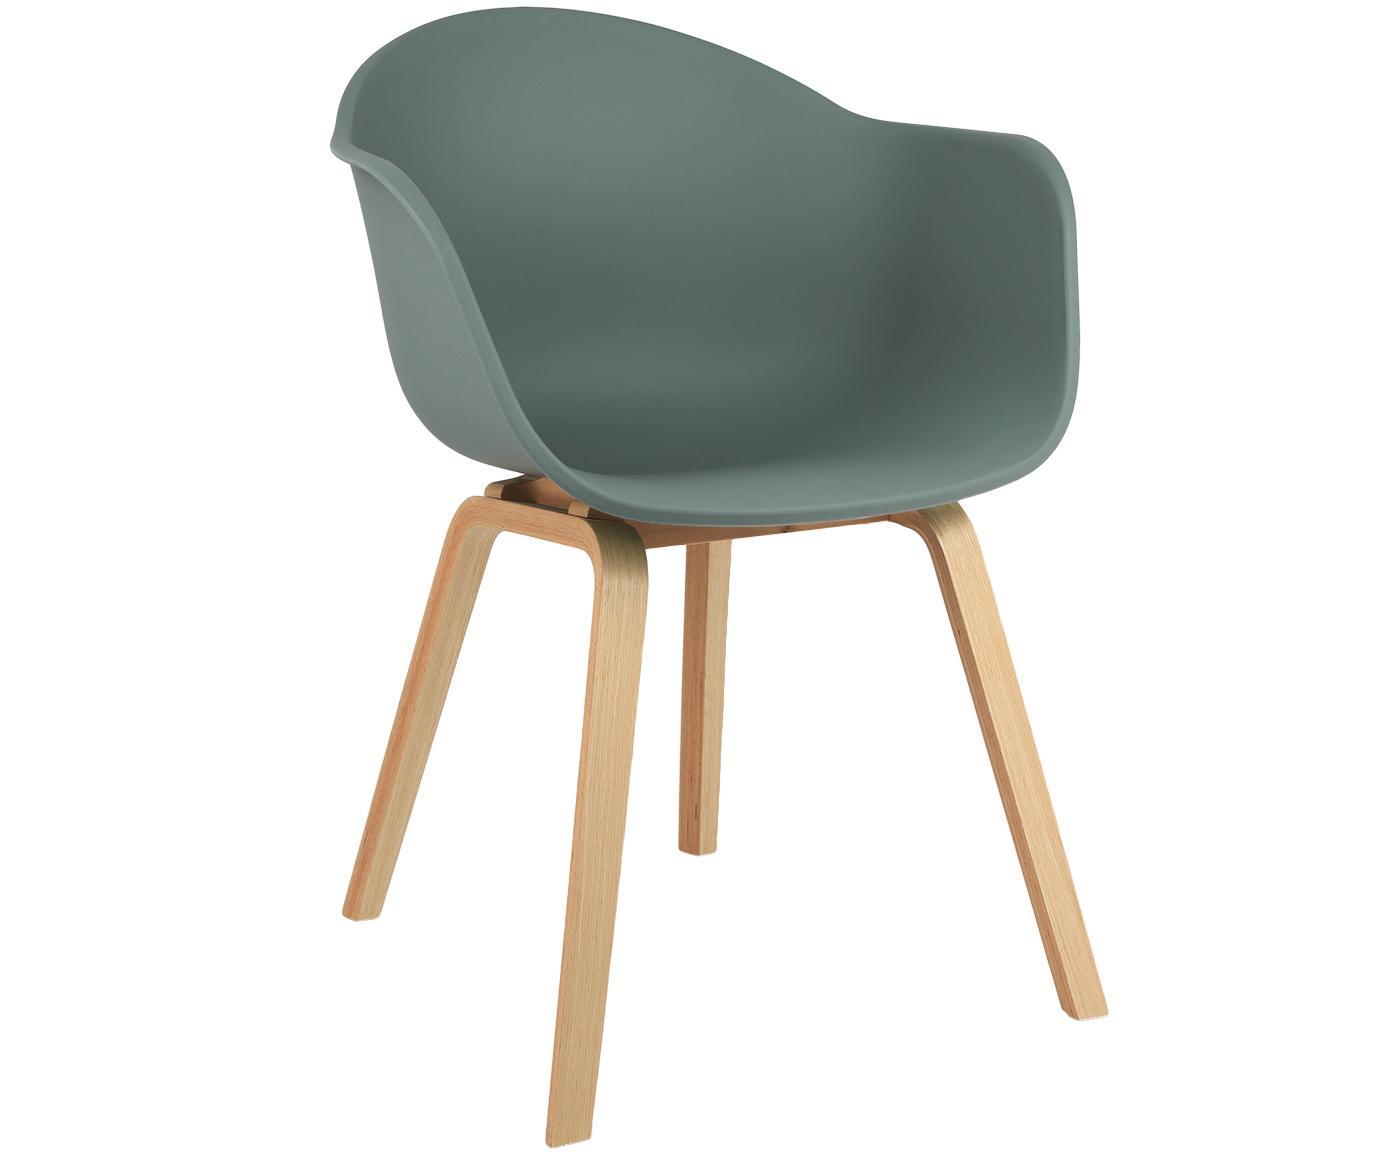 Sedia con braccioli e gambe in legno Claire, Seduta: materiale sintetico, Gambe: legno di faggio Il legno , Seduta: verde Gambe: legno di faggio, Larg. 54 x Prof. 60 cm